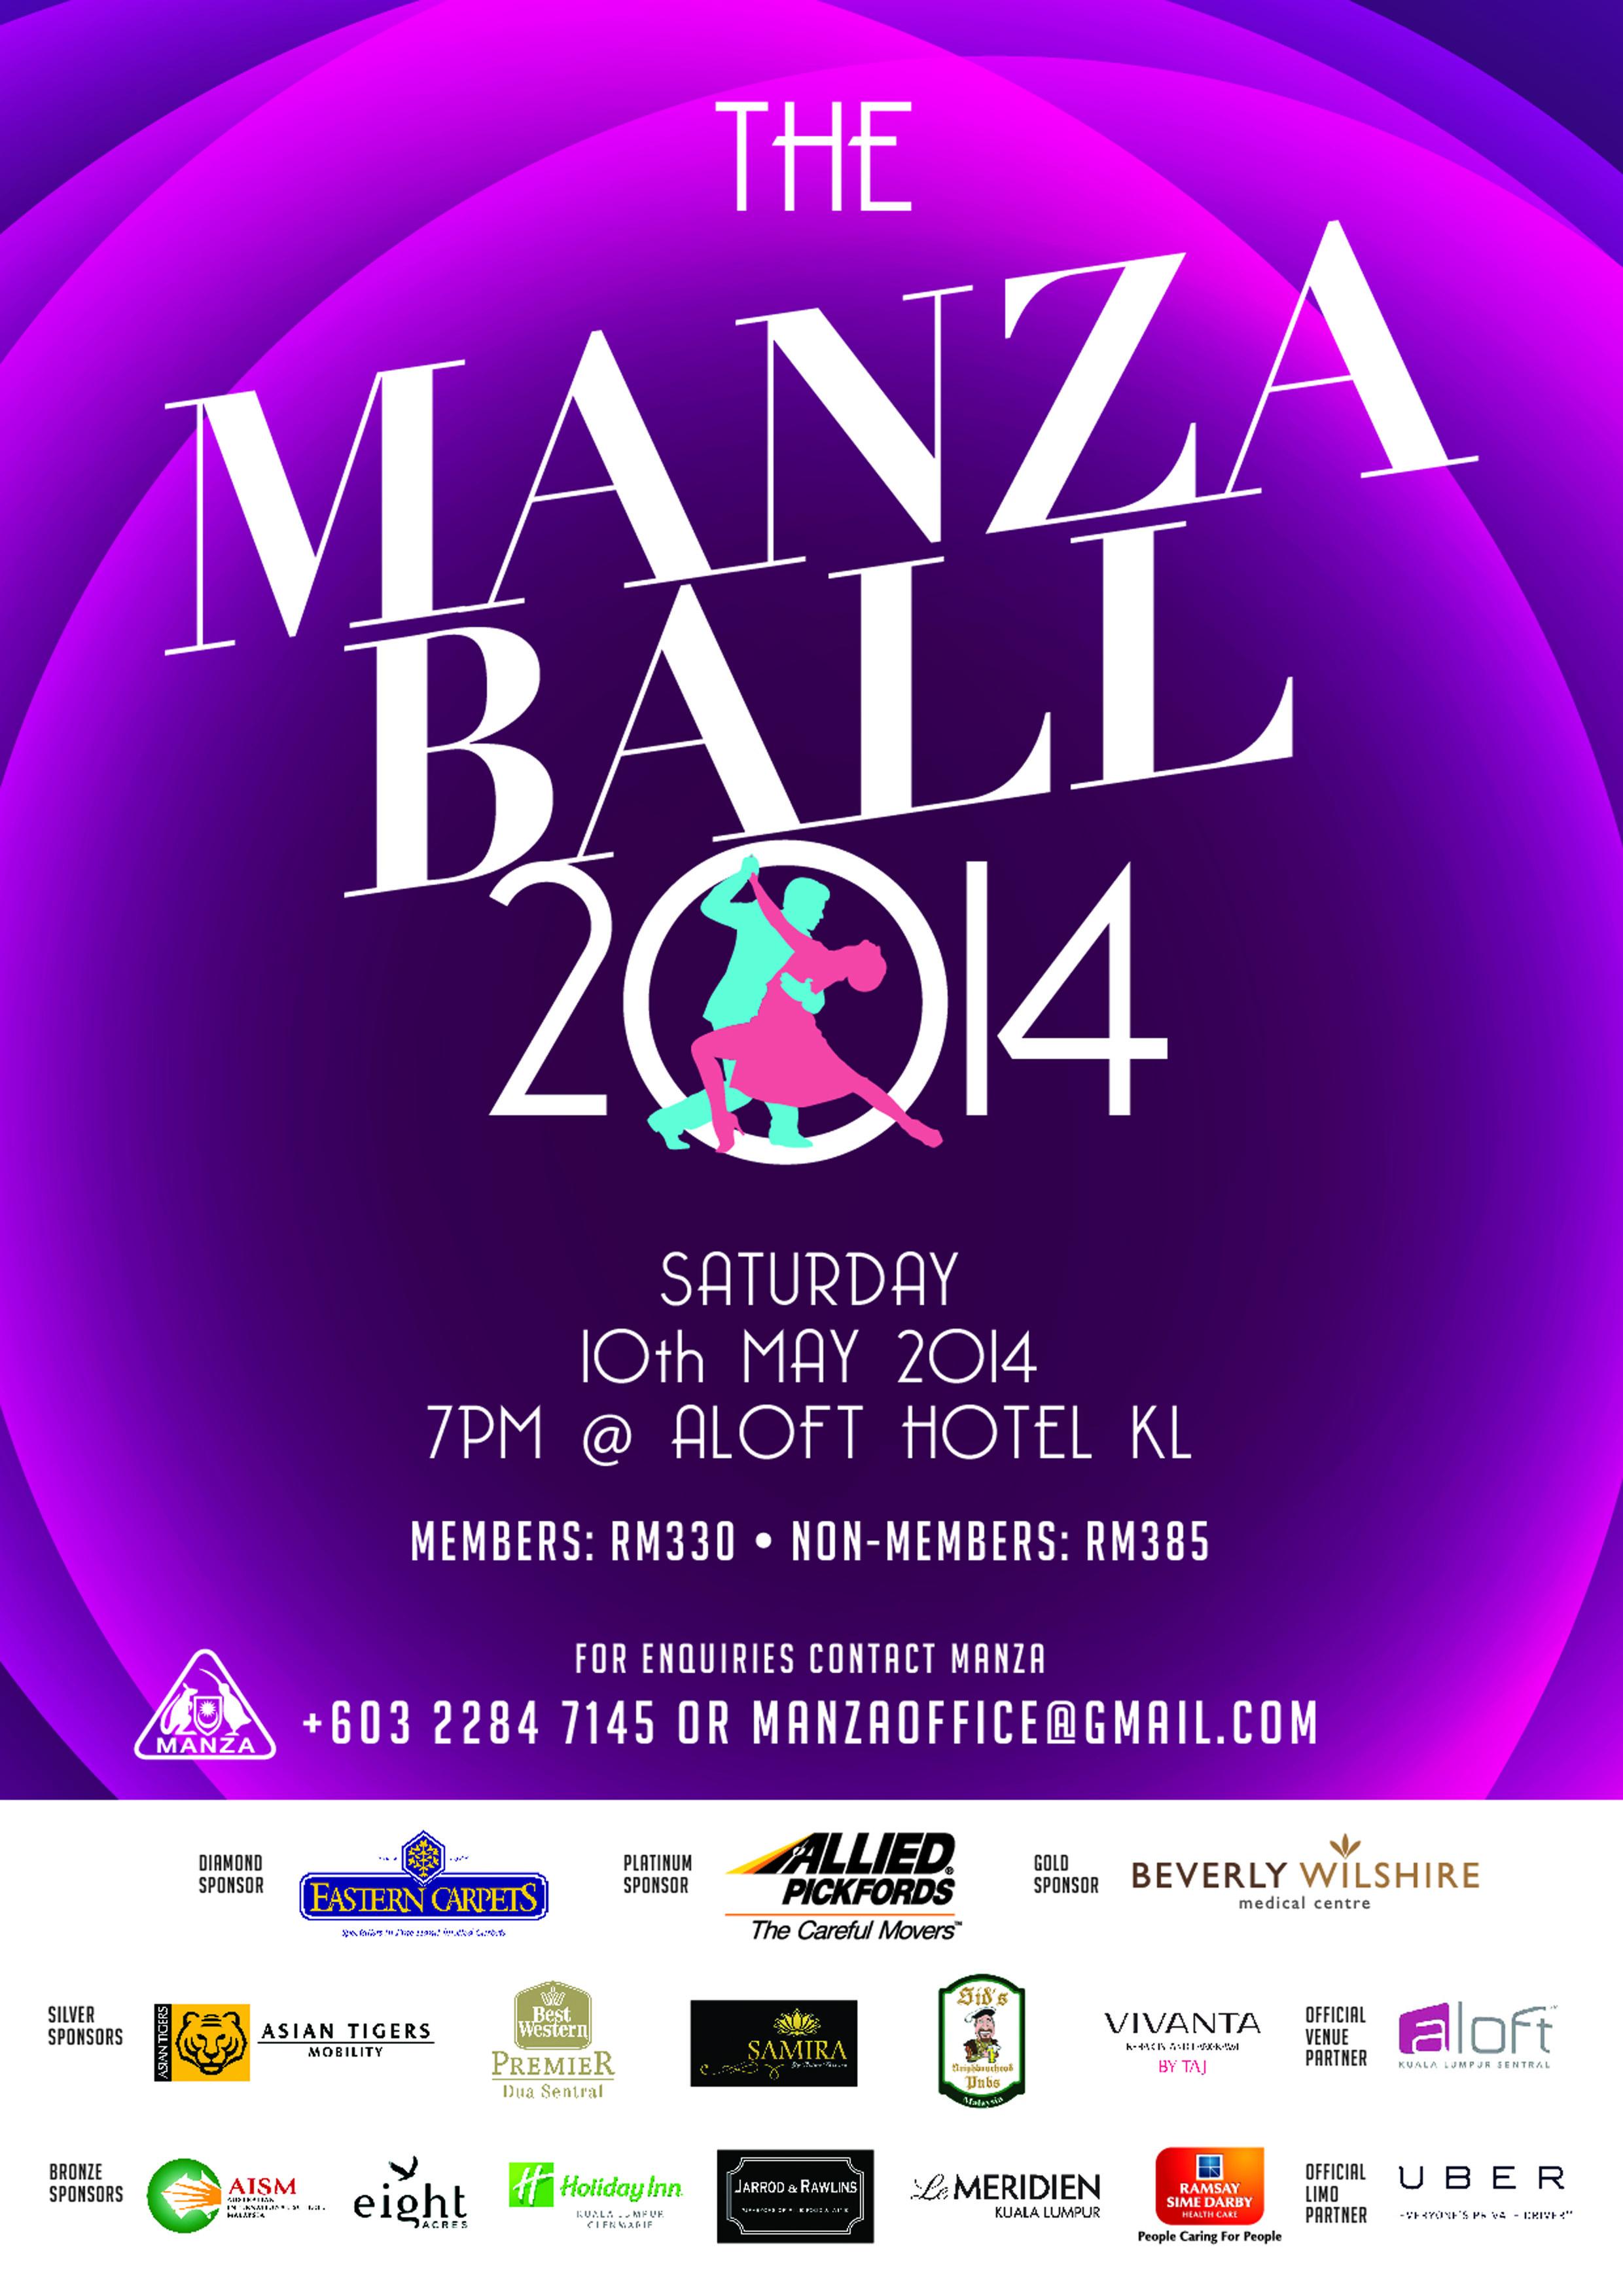 MANZABall2014